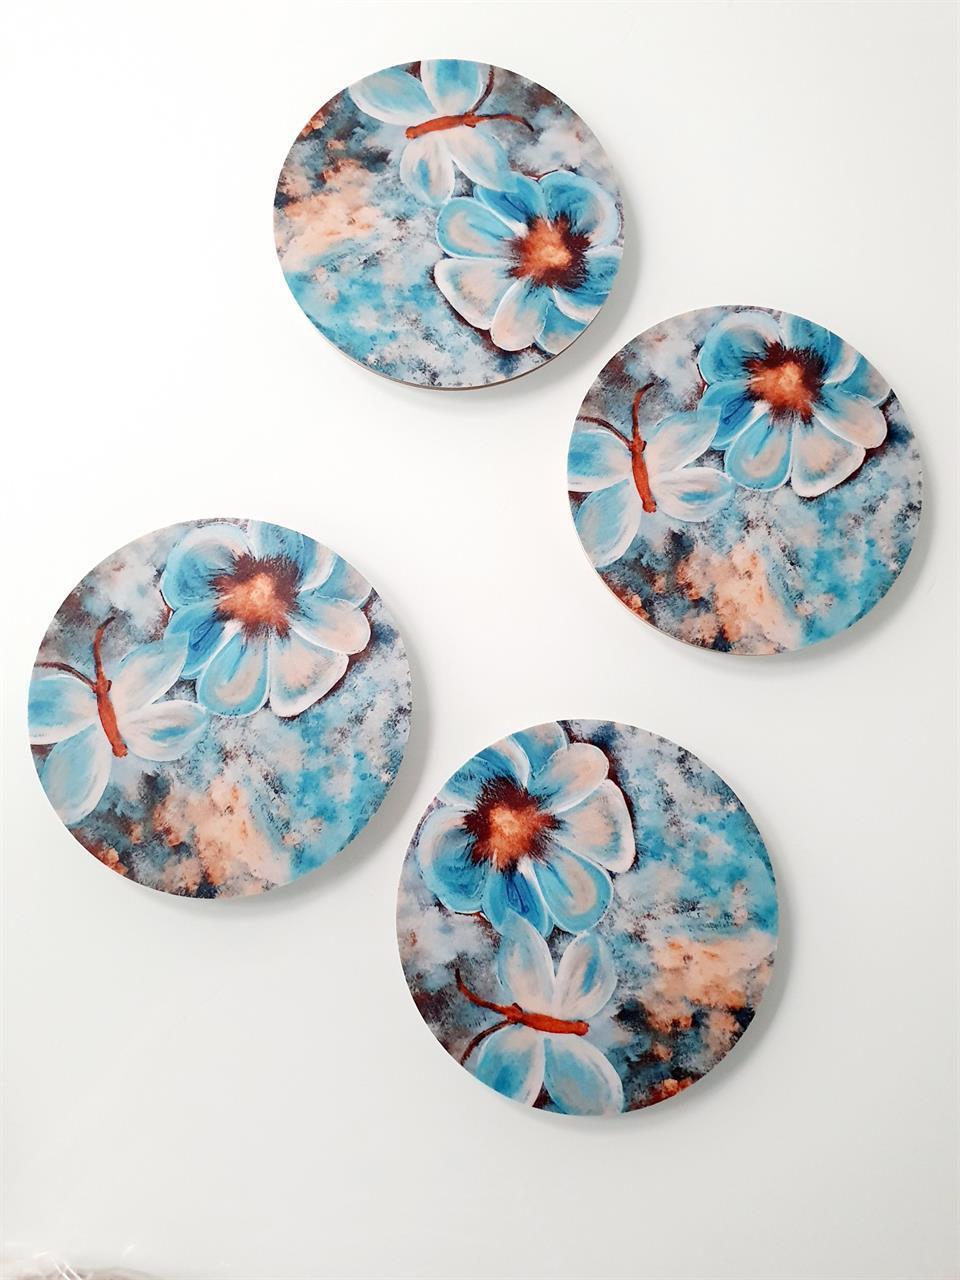 Glasunderlägg med blommor och fjäril -4 st